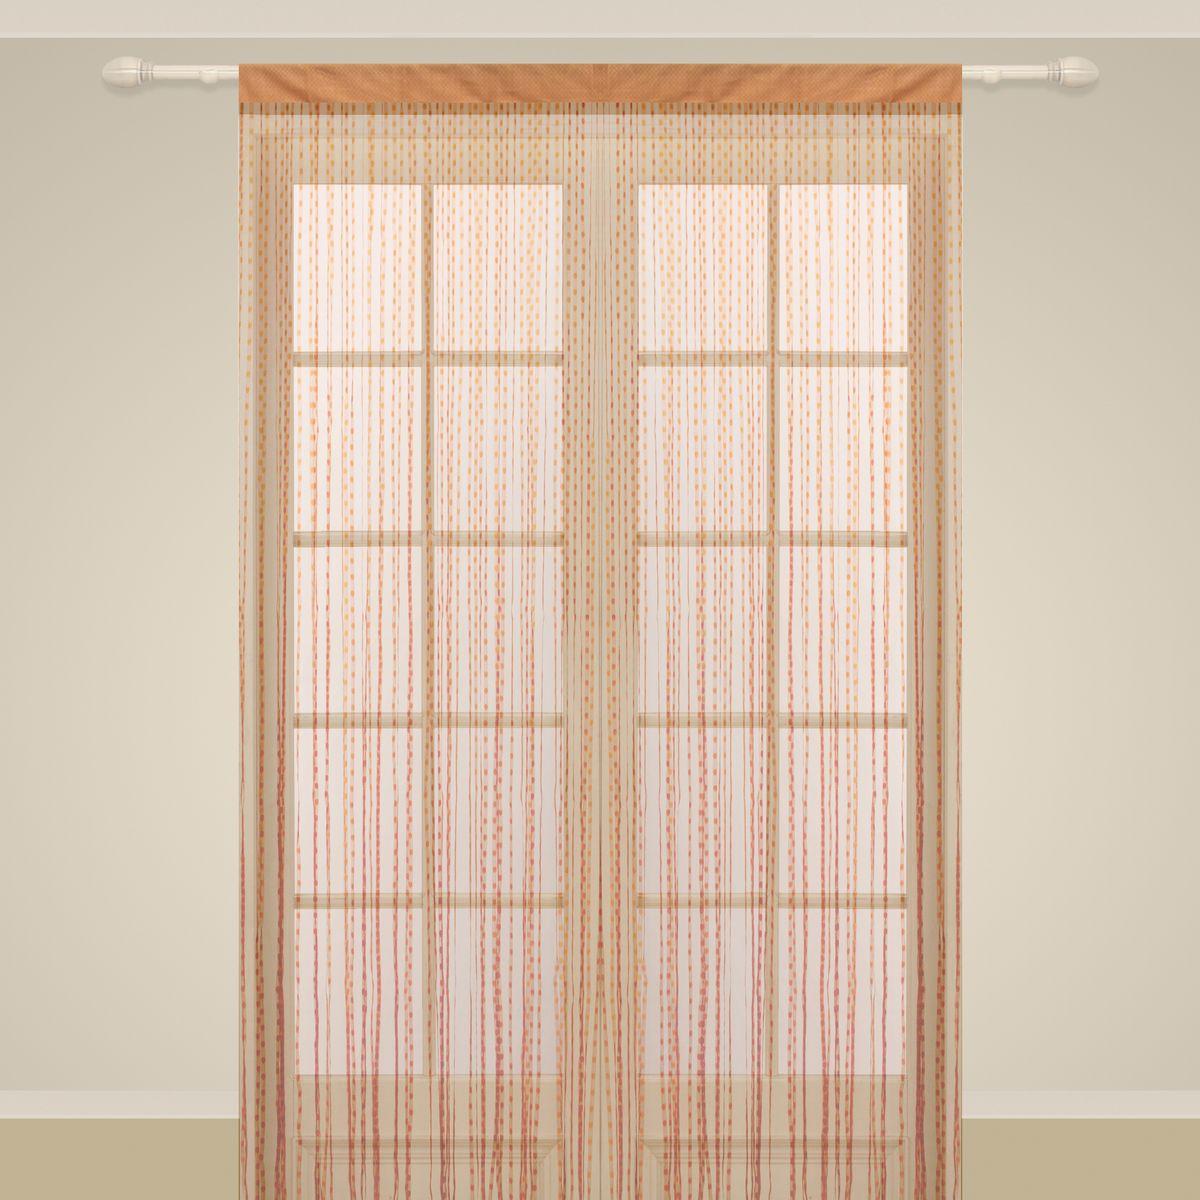 Штора нитяная Sanpa Home Collection, на ленте, цвет: кирпичный, высота 290 см. SP102SP 102/BRICK, , 150*290 см